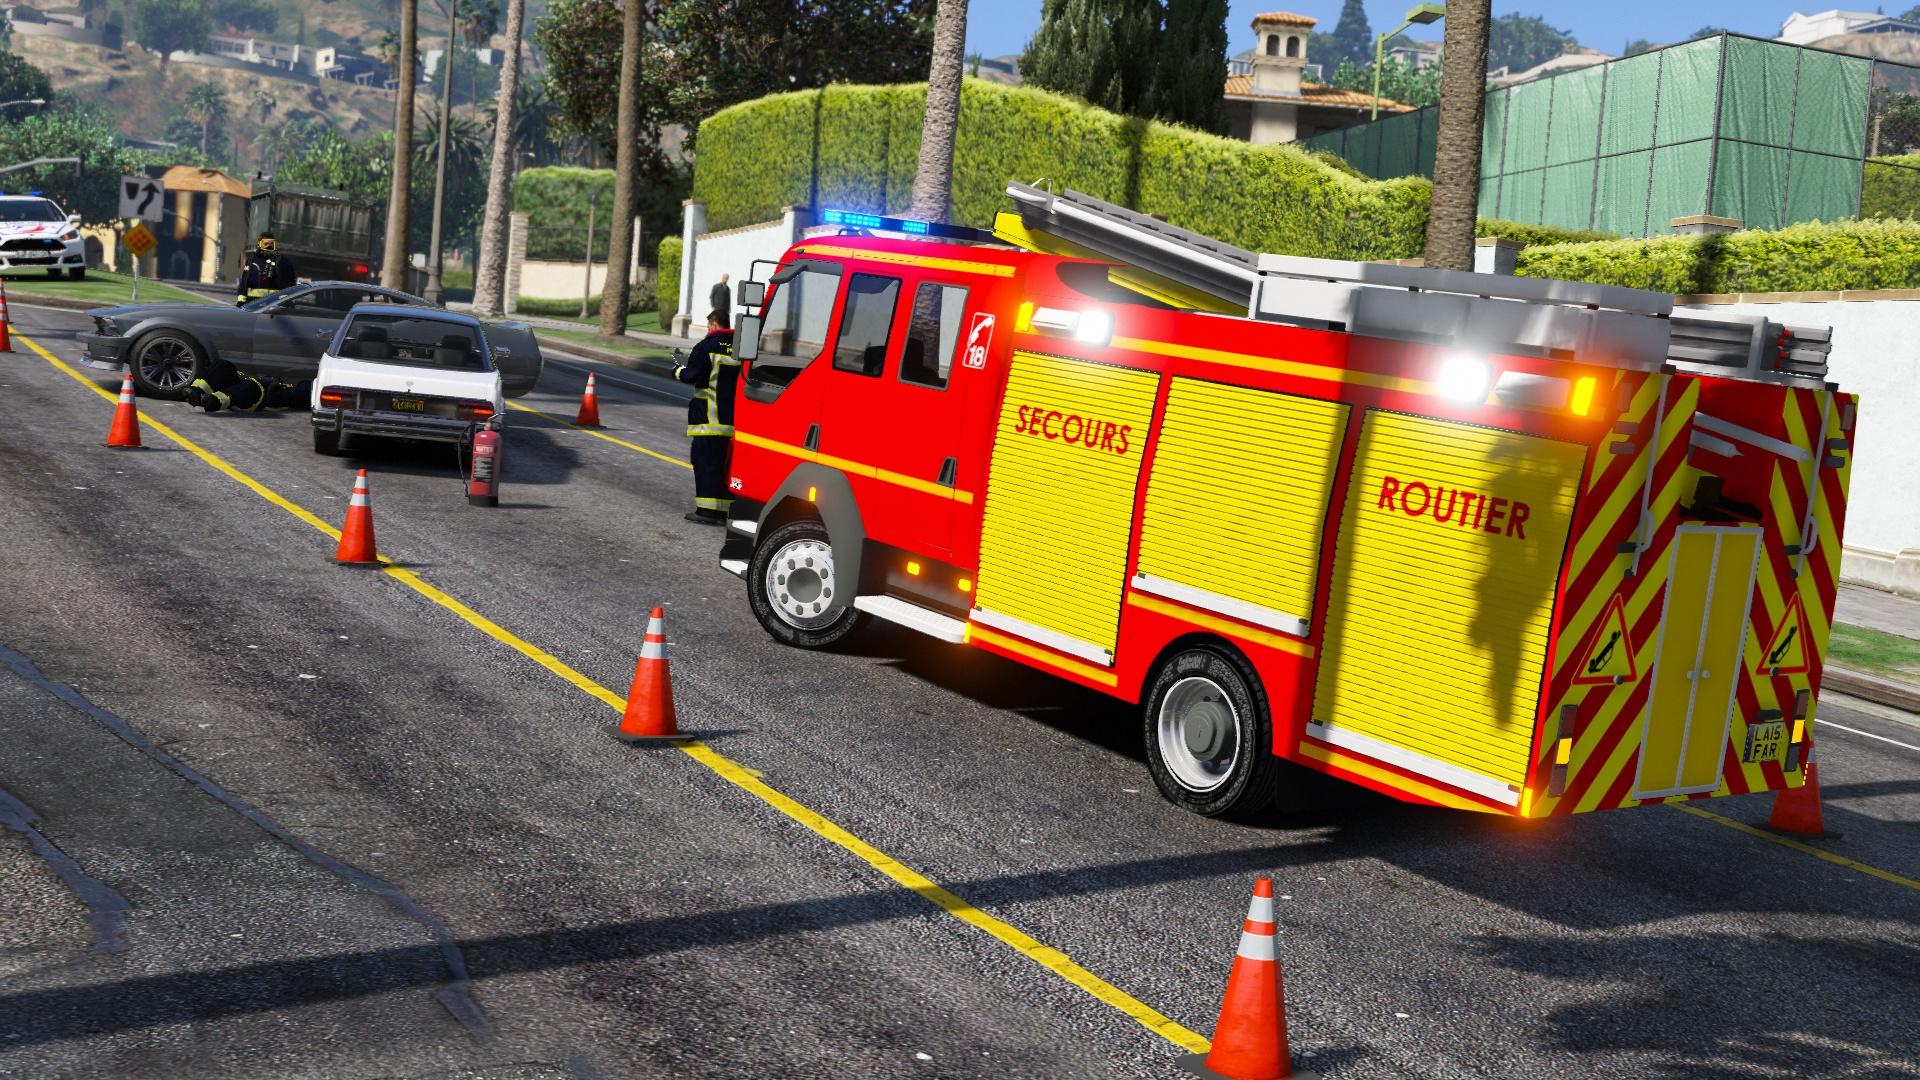 Daf v hicule de secours routier des sapeurs pompiers gta5 - Cone de lubeck ...